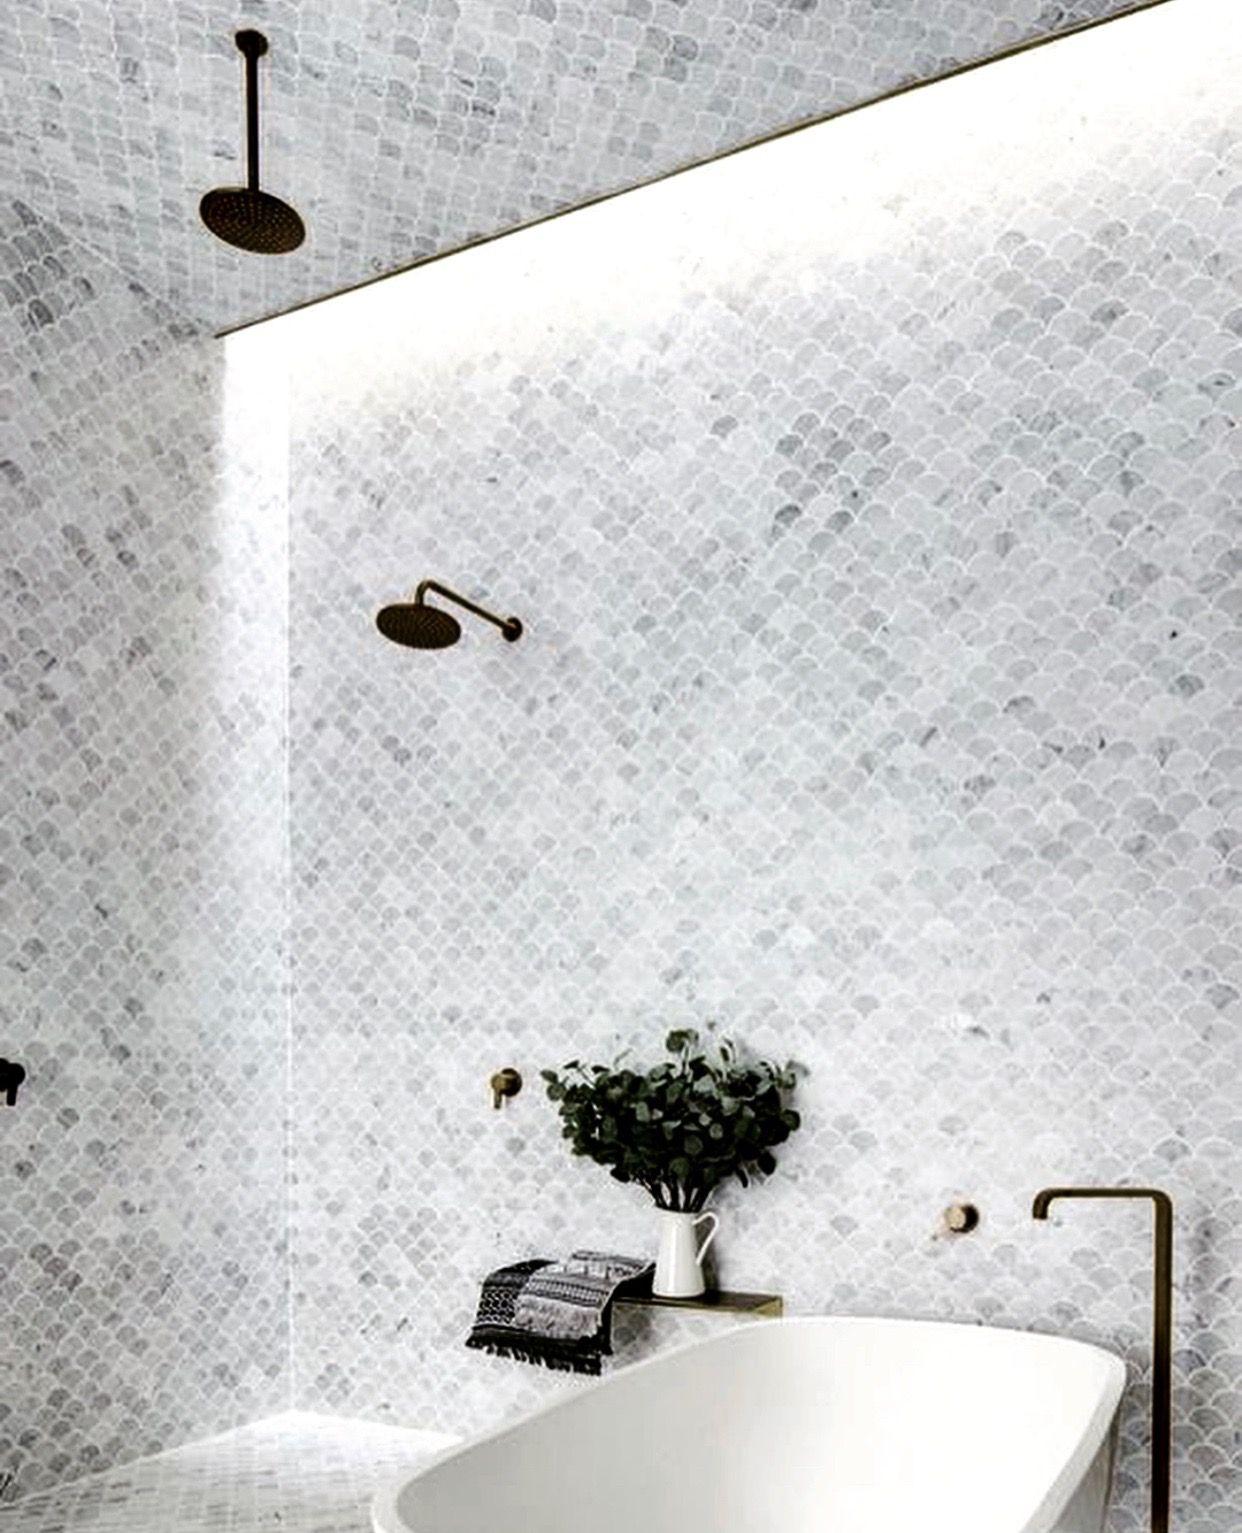 Jolies Cuisines Dans Fixer Upper Total Renovation: Pin De Show Case En Déco Bain / Deco Bathroom En 2019